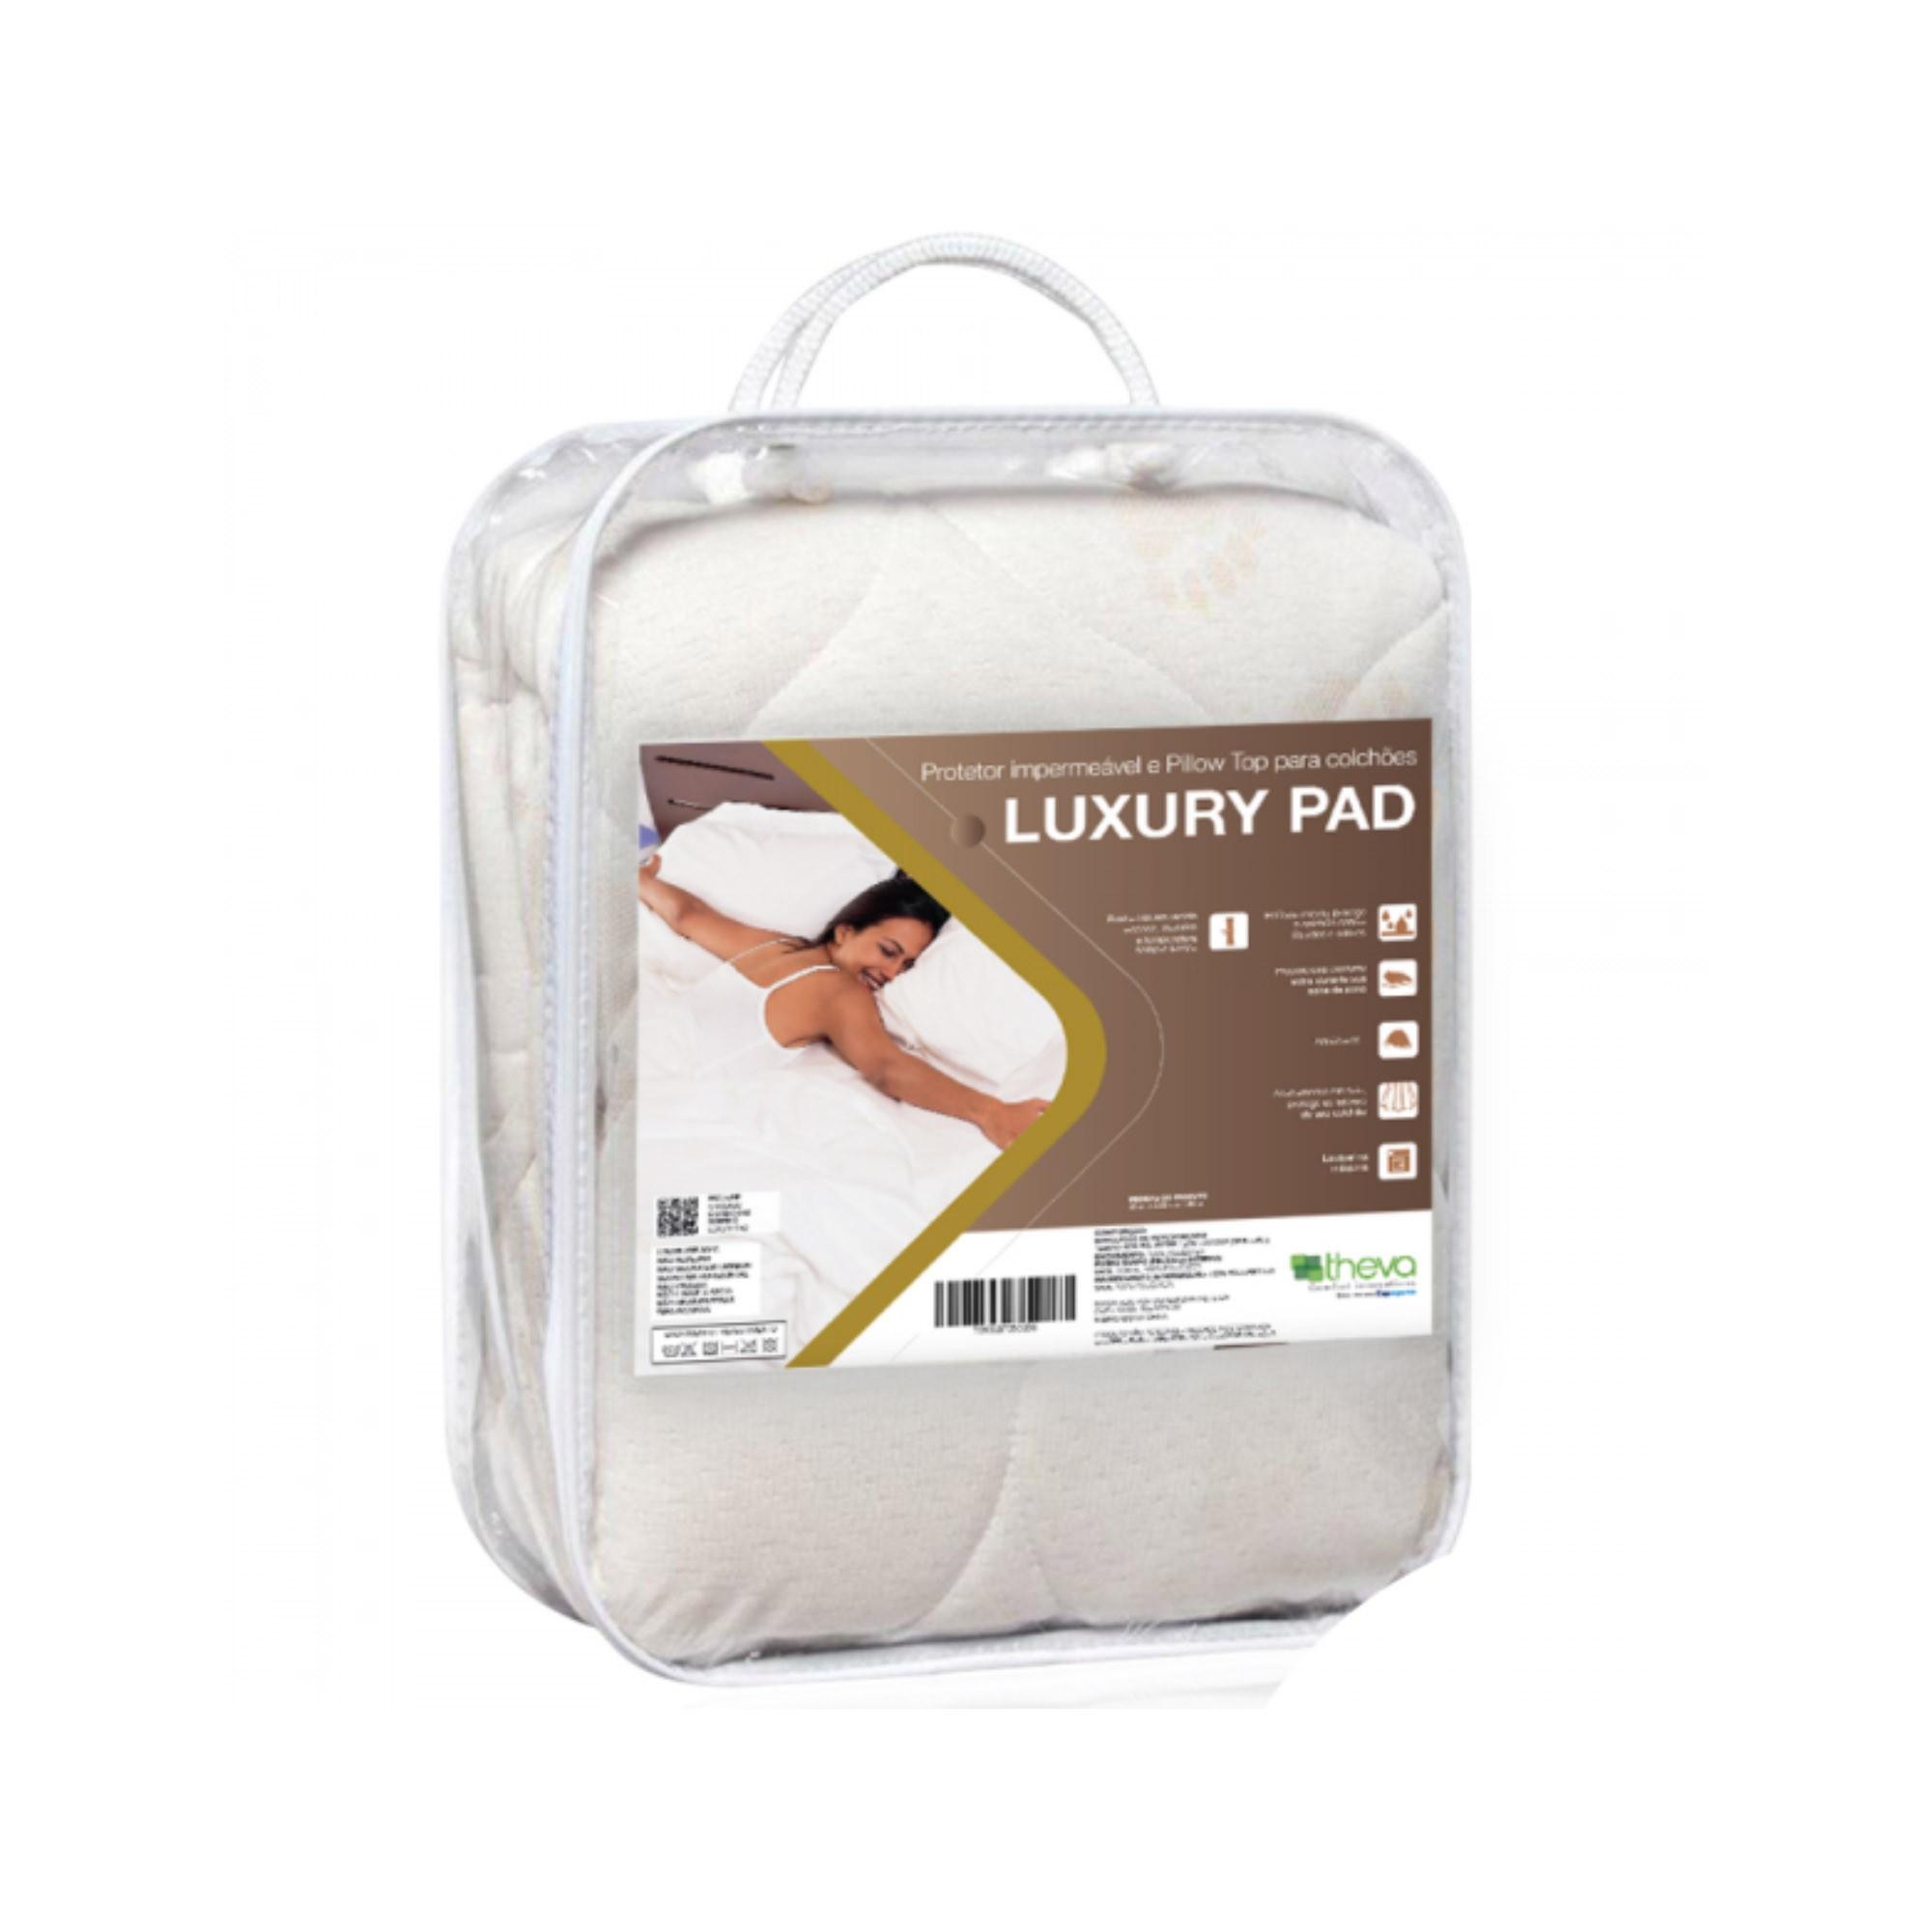 Protetor Impermeável para Colchão Luxury Pad [Queen 158 x 198 cm]